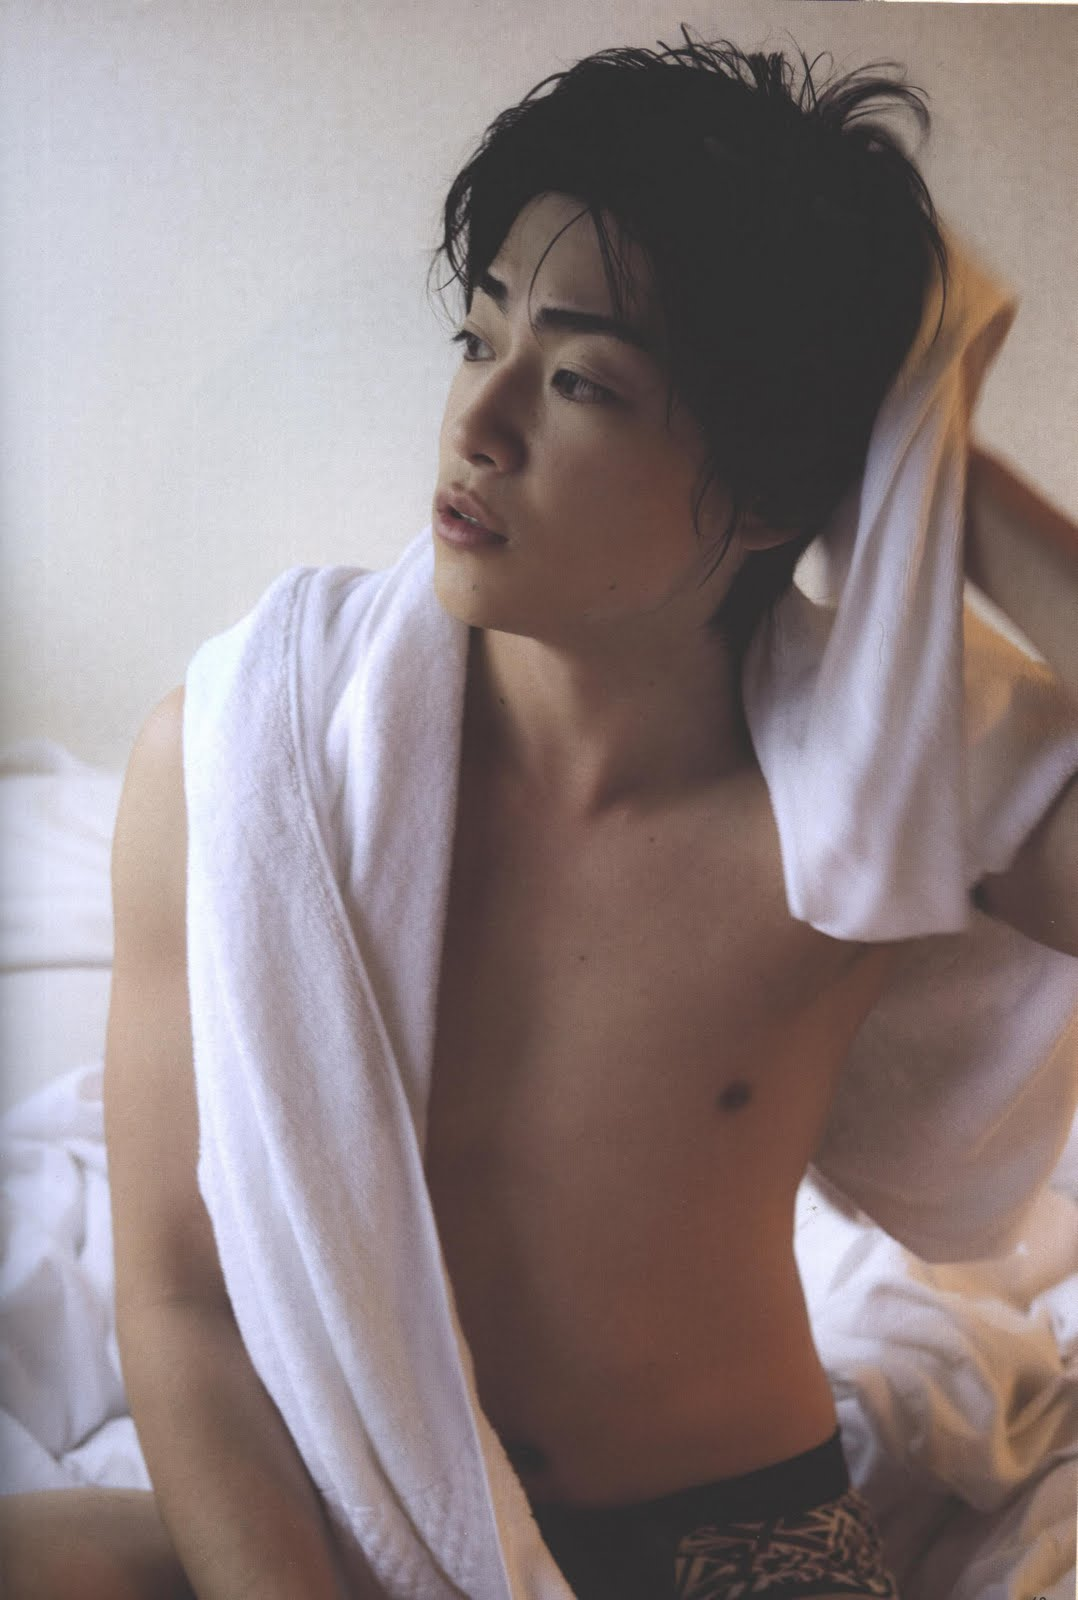 Daito Shunsuke 064